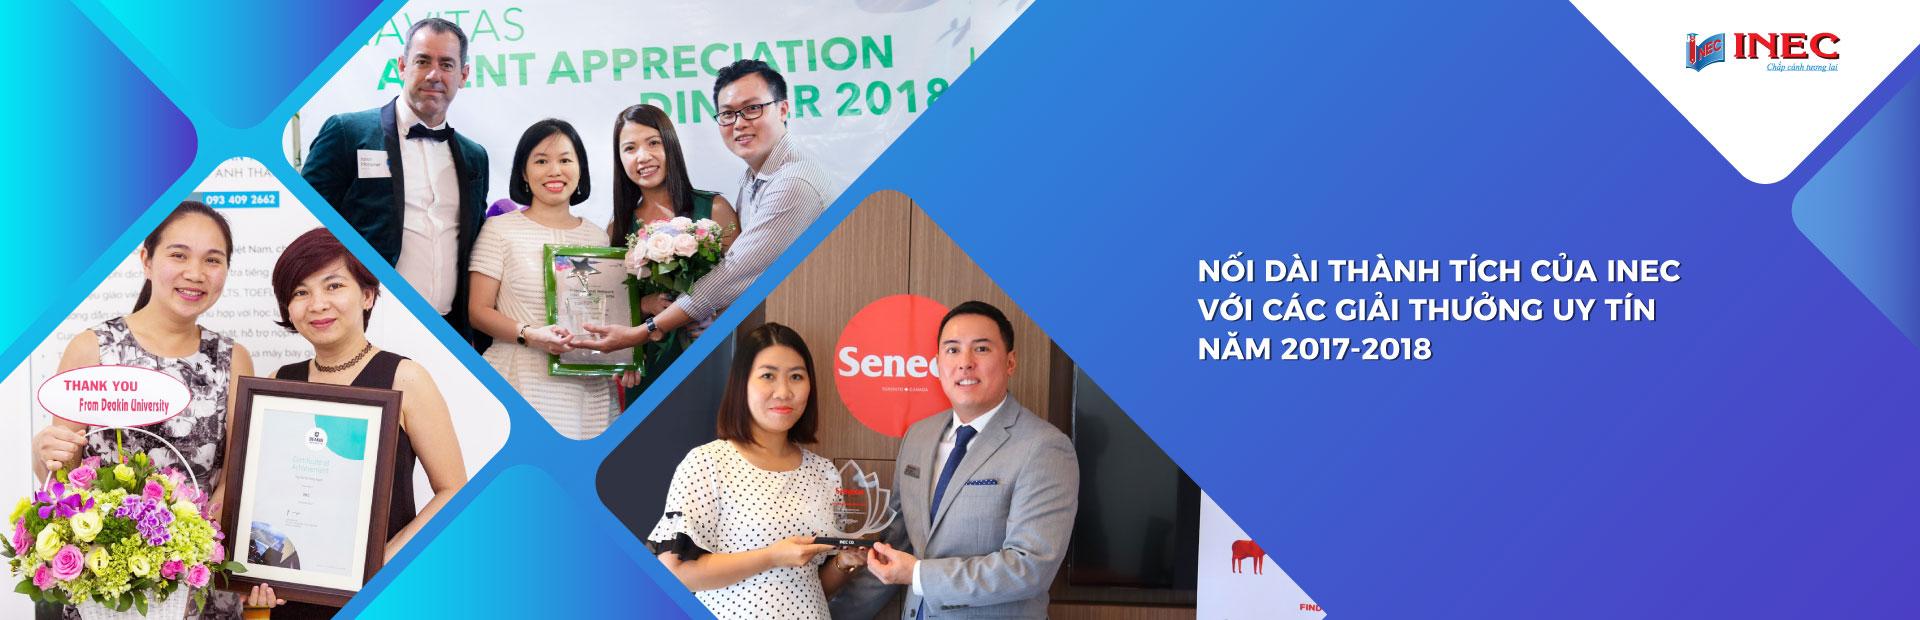 Tong ket 2018